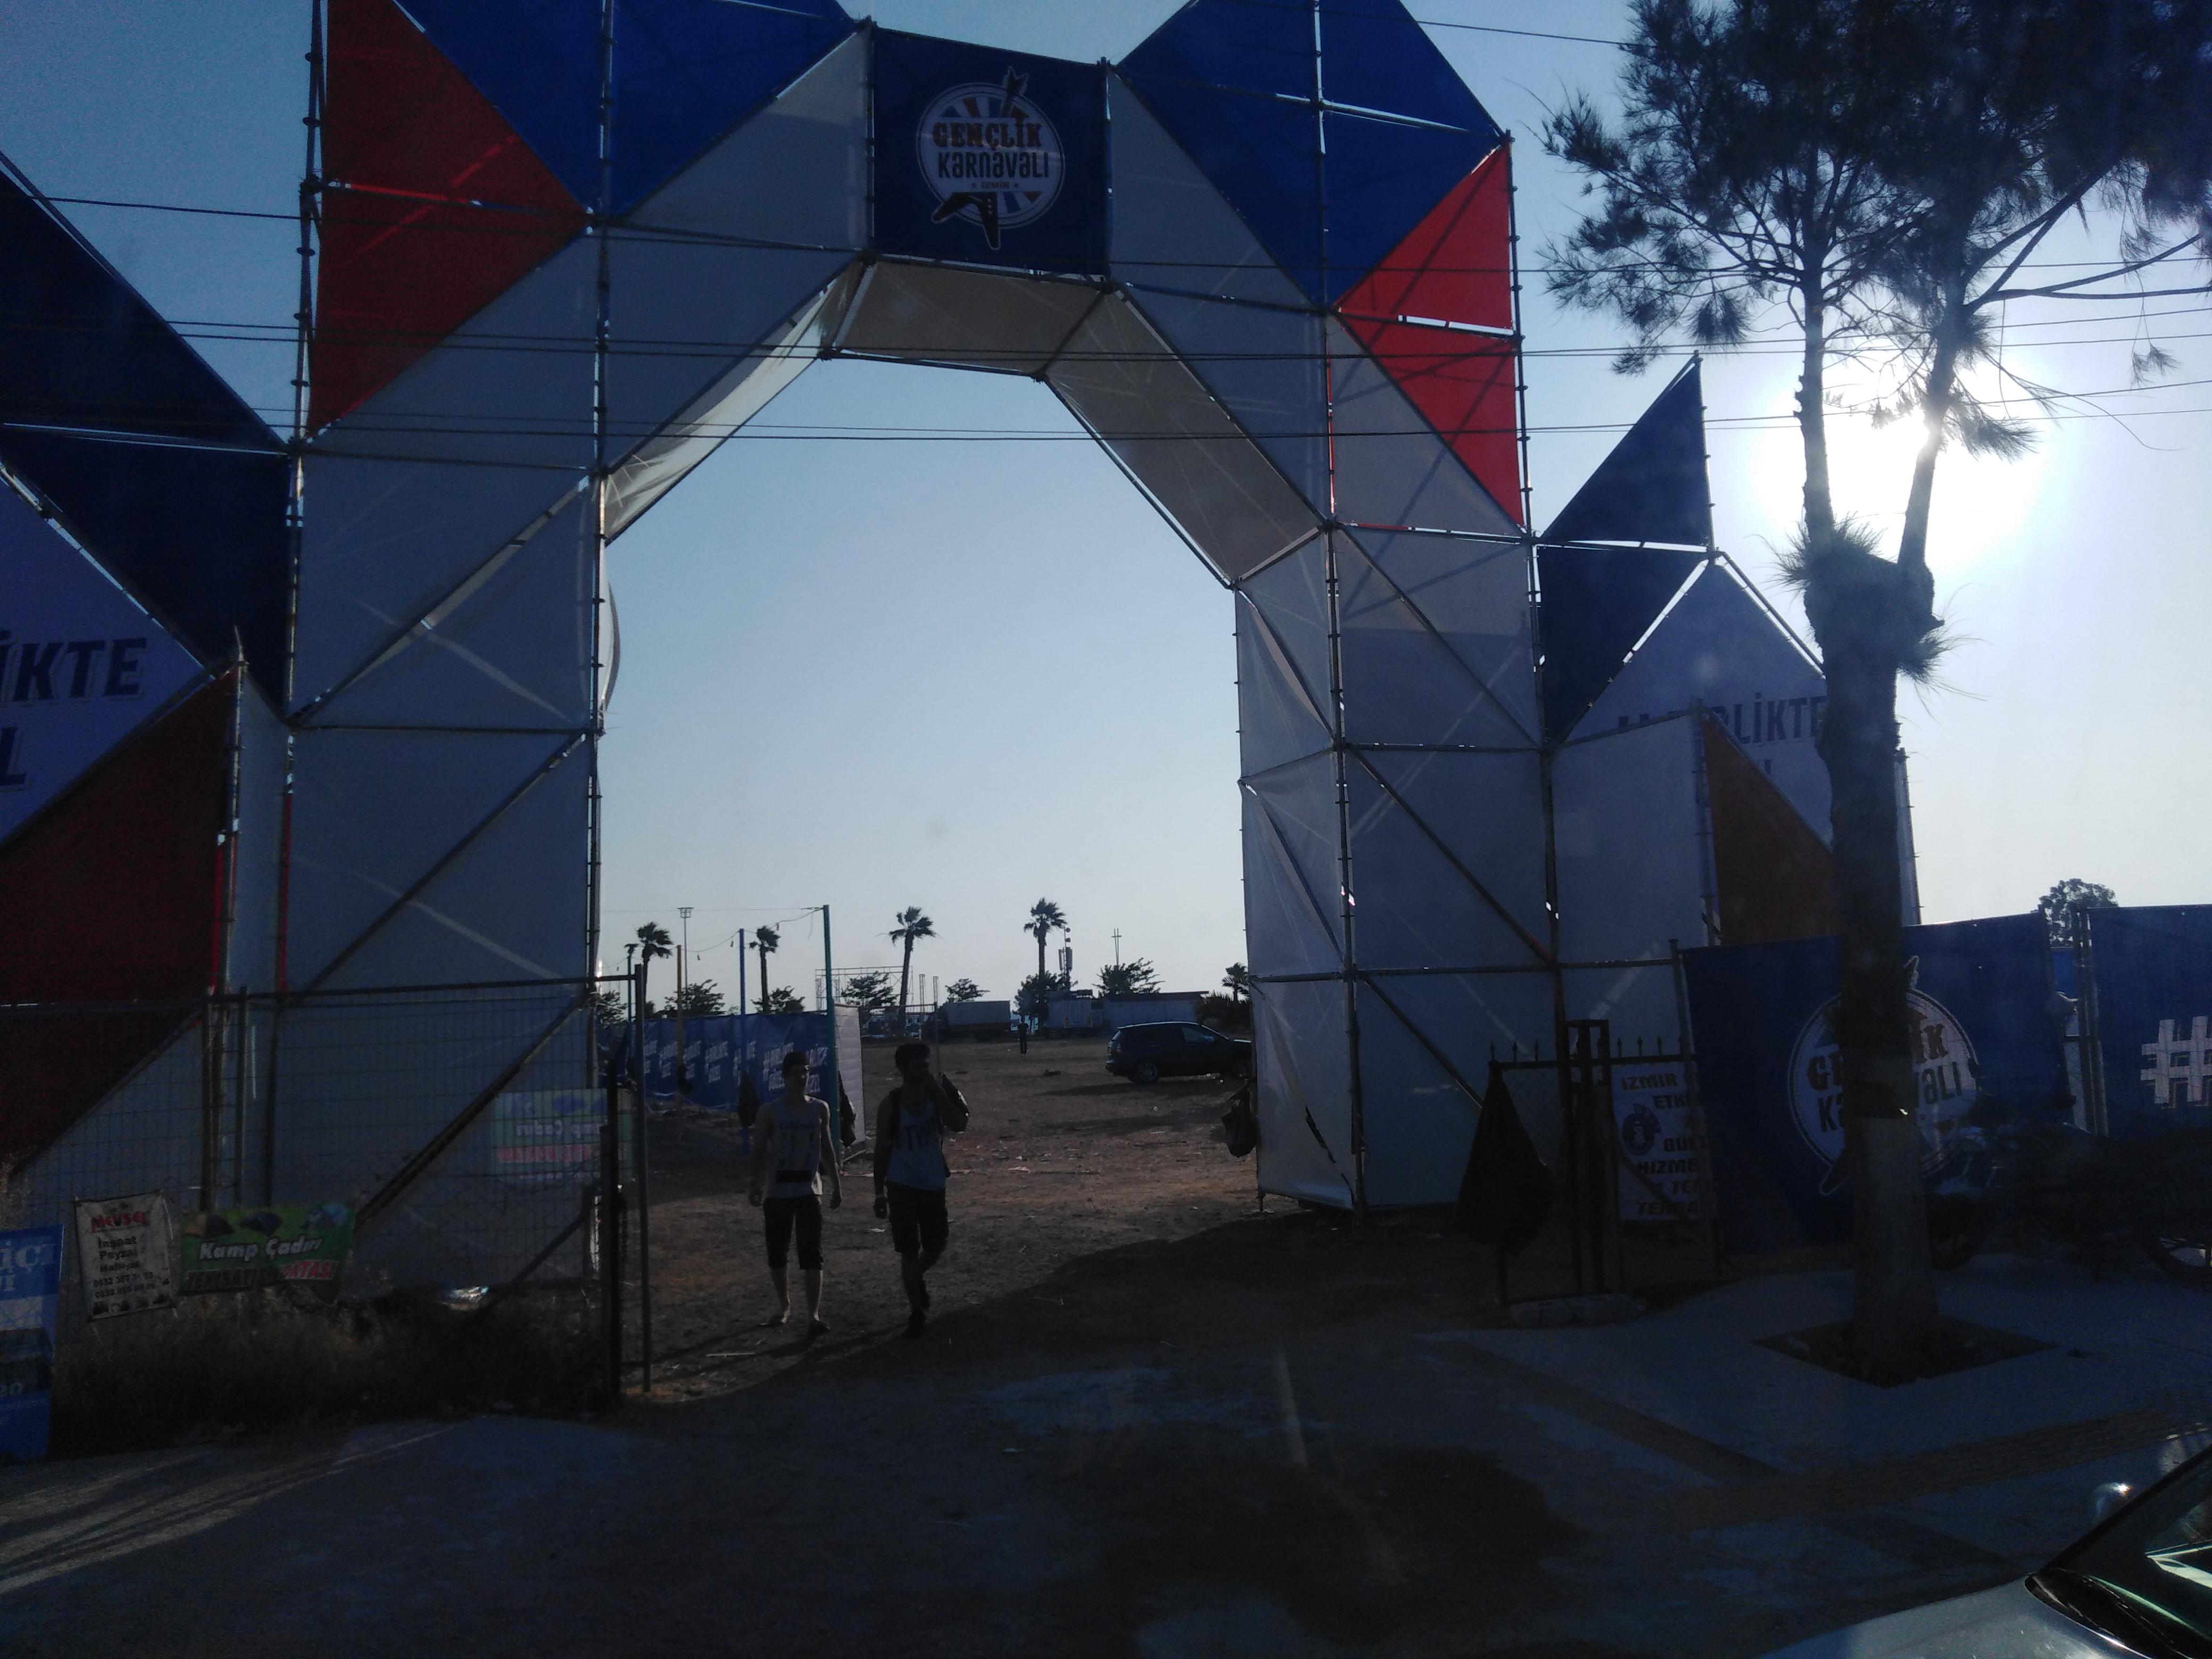 urla kum denizi gençlik festivali